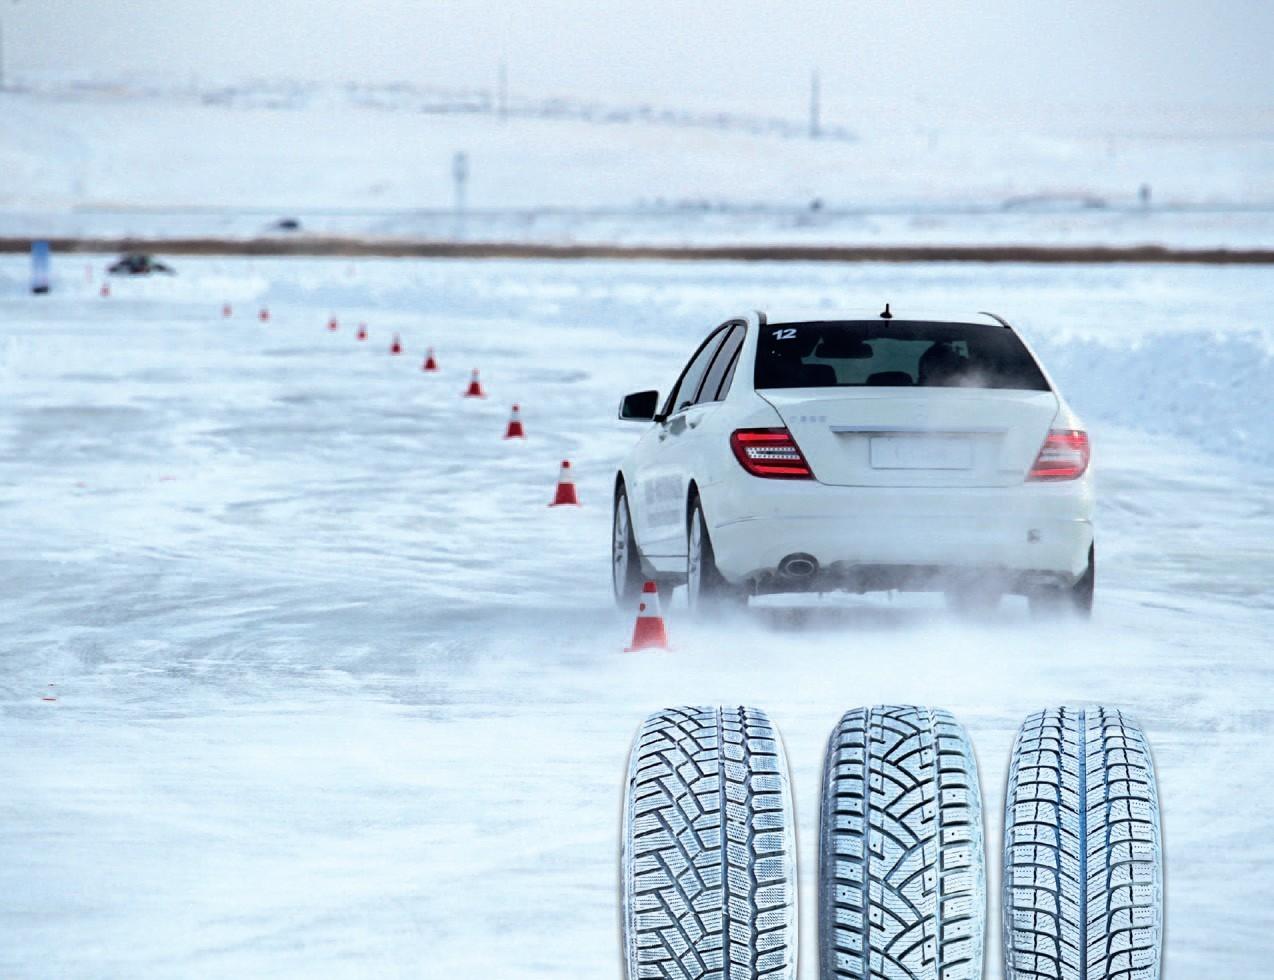 养护小常识   您需要知道的一点轮胎知识   汽车知识课堂:轮高清图片